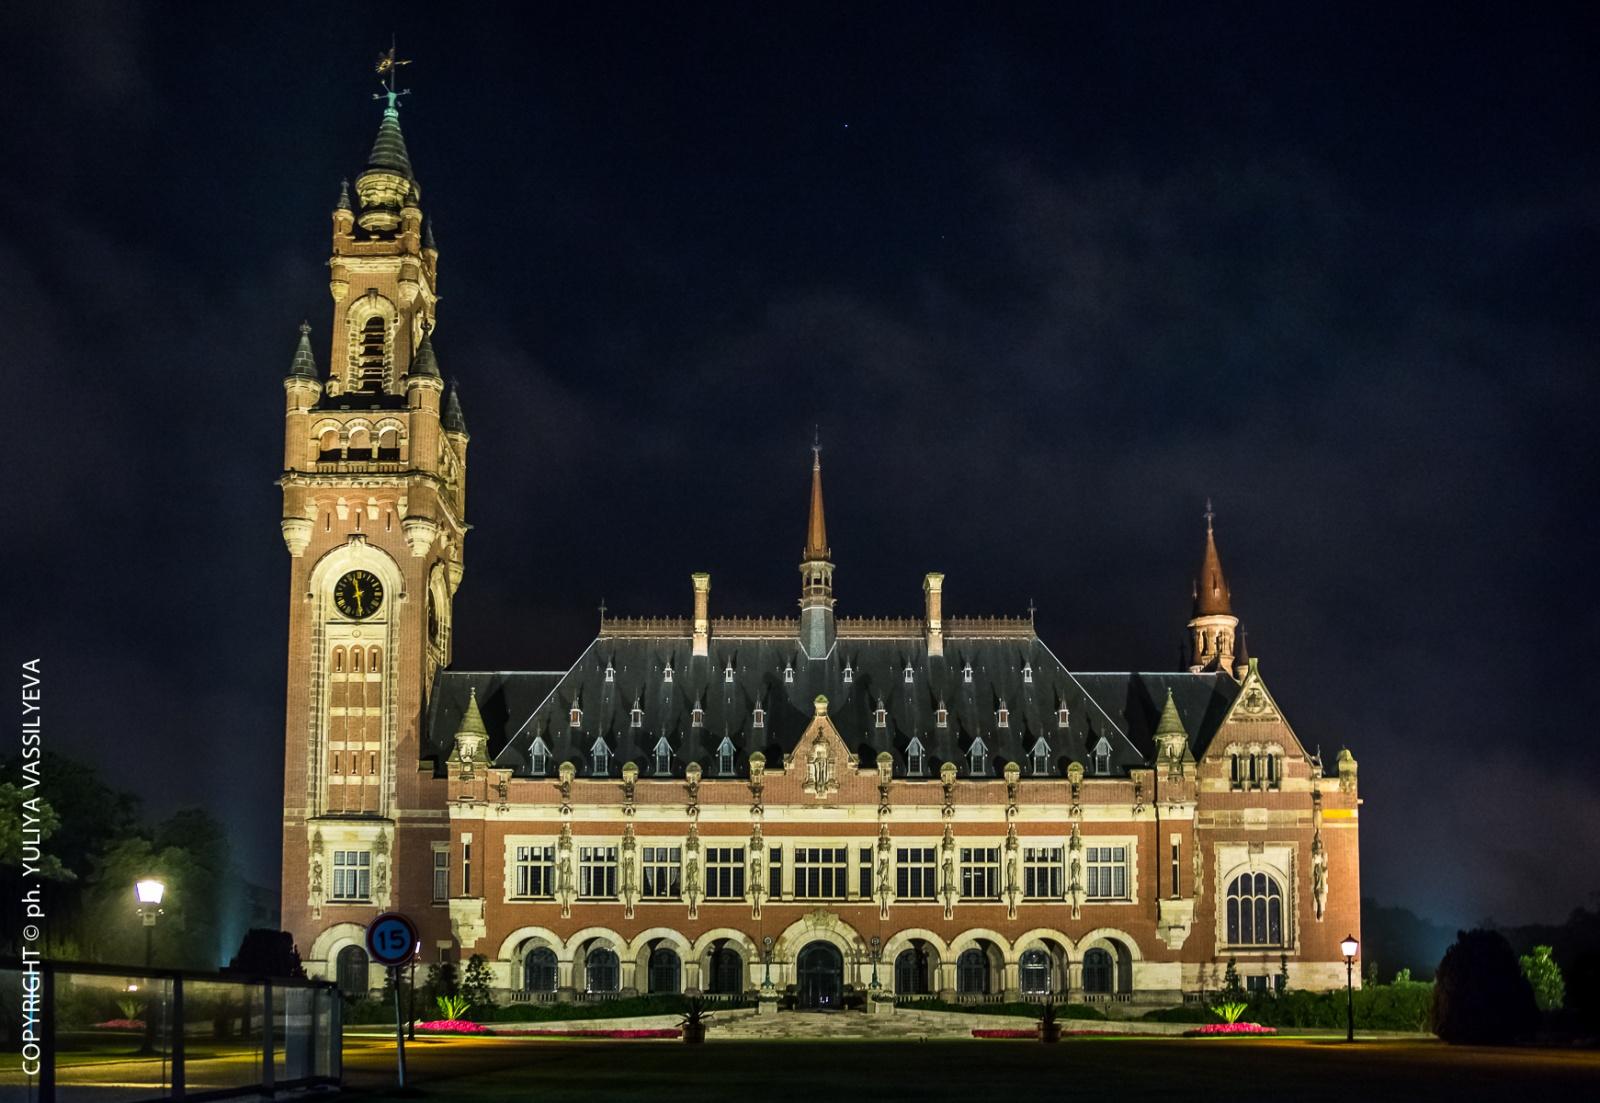 L'Aia, Palazzo della Pace, sede della Corte Internazionale di Giustizia